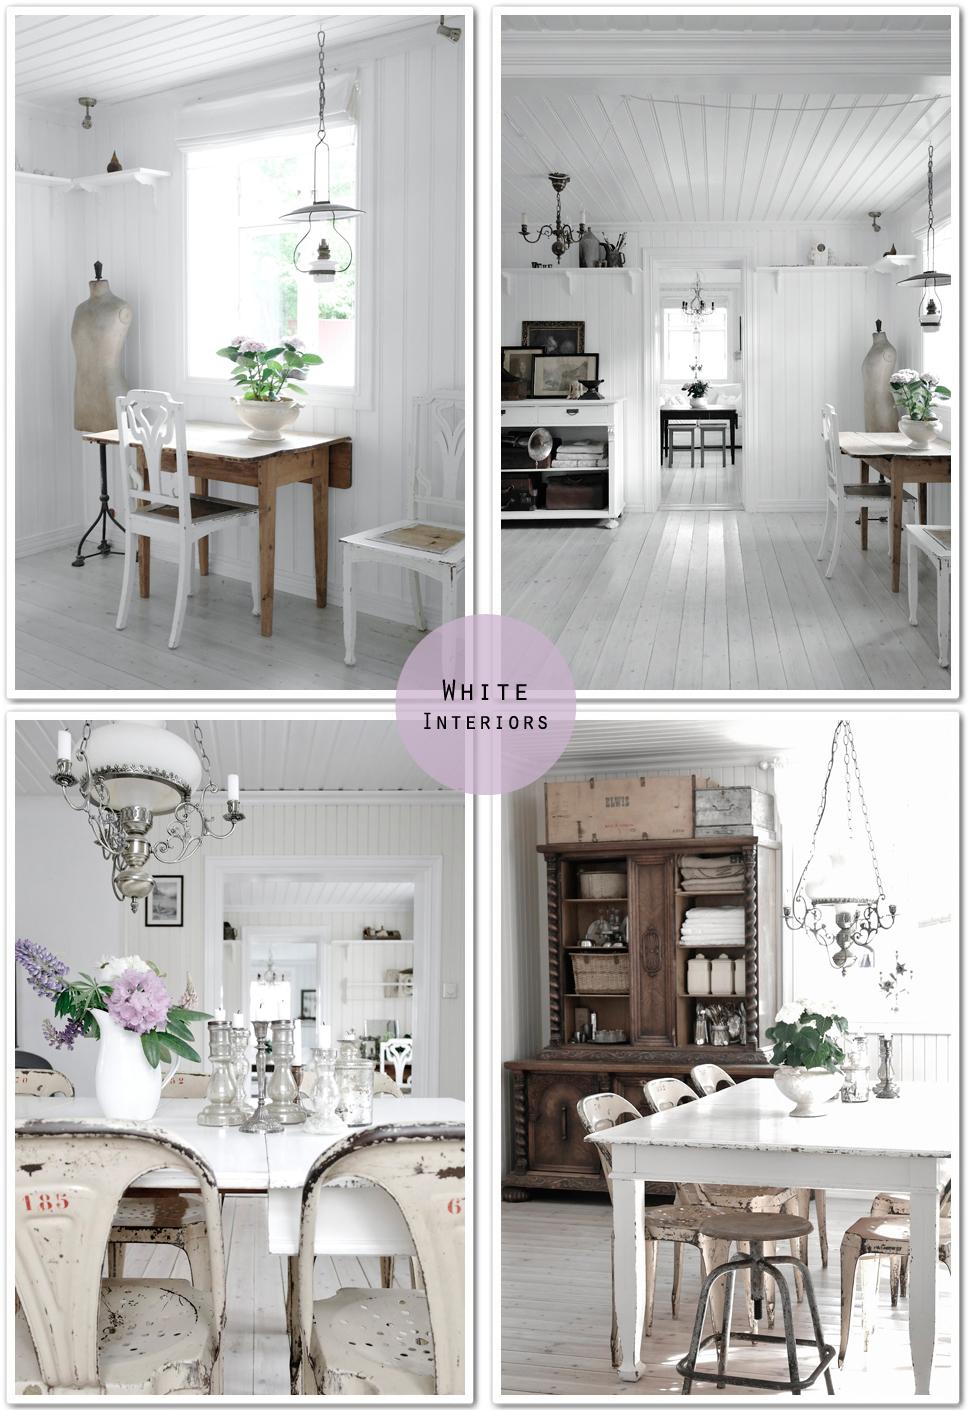 Stile nordico shabby chic interiors for Pezzi di arredamento